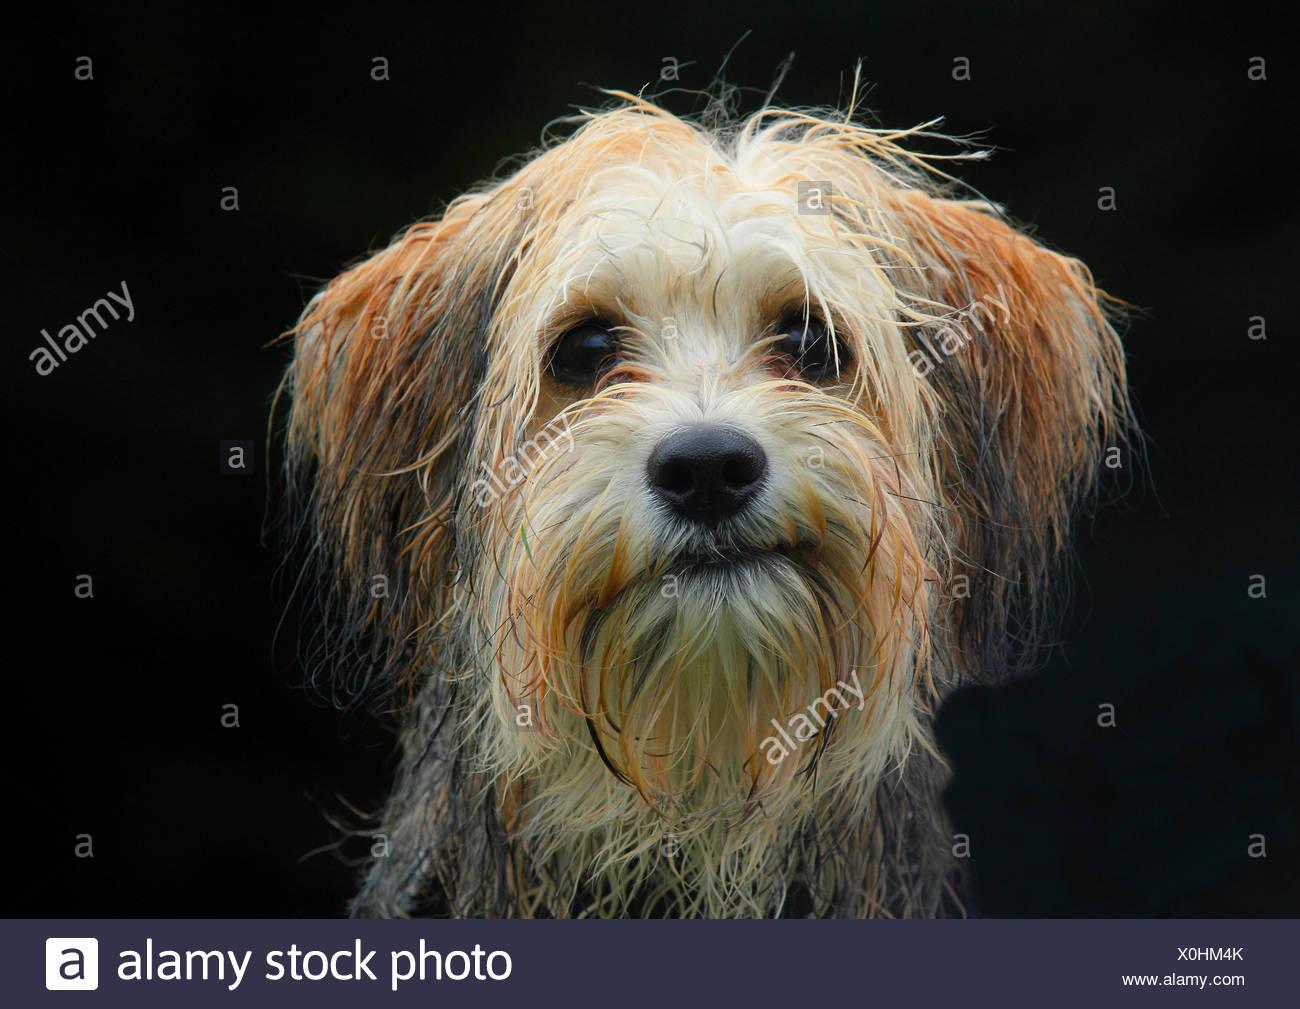 Razza cane (Canis lupus f. familiaris), cinque mesi Maltese maschio Chihuahua razza cane, ritratto con sfondo nero, Germania Immagini Stock